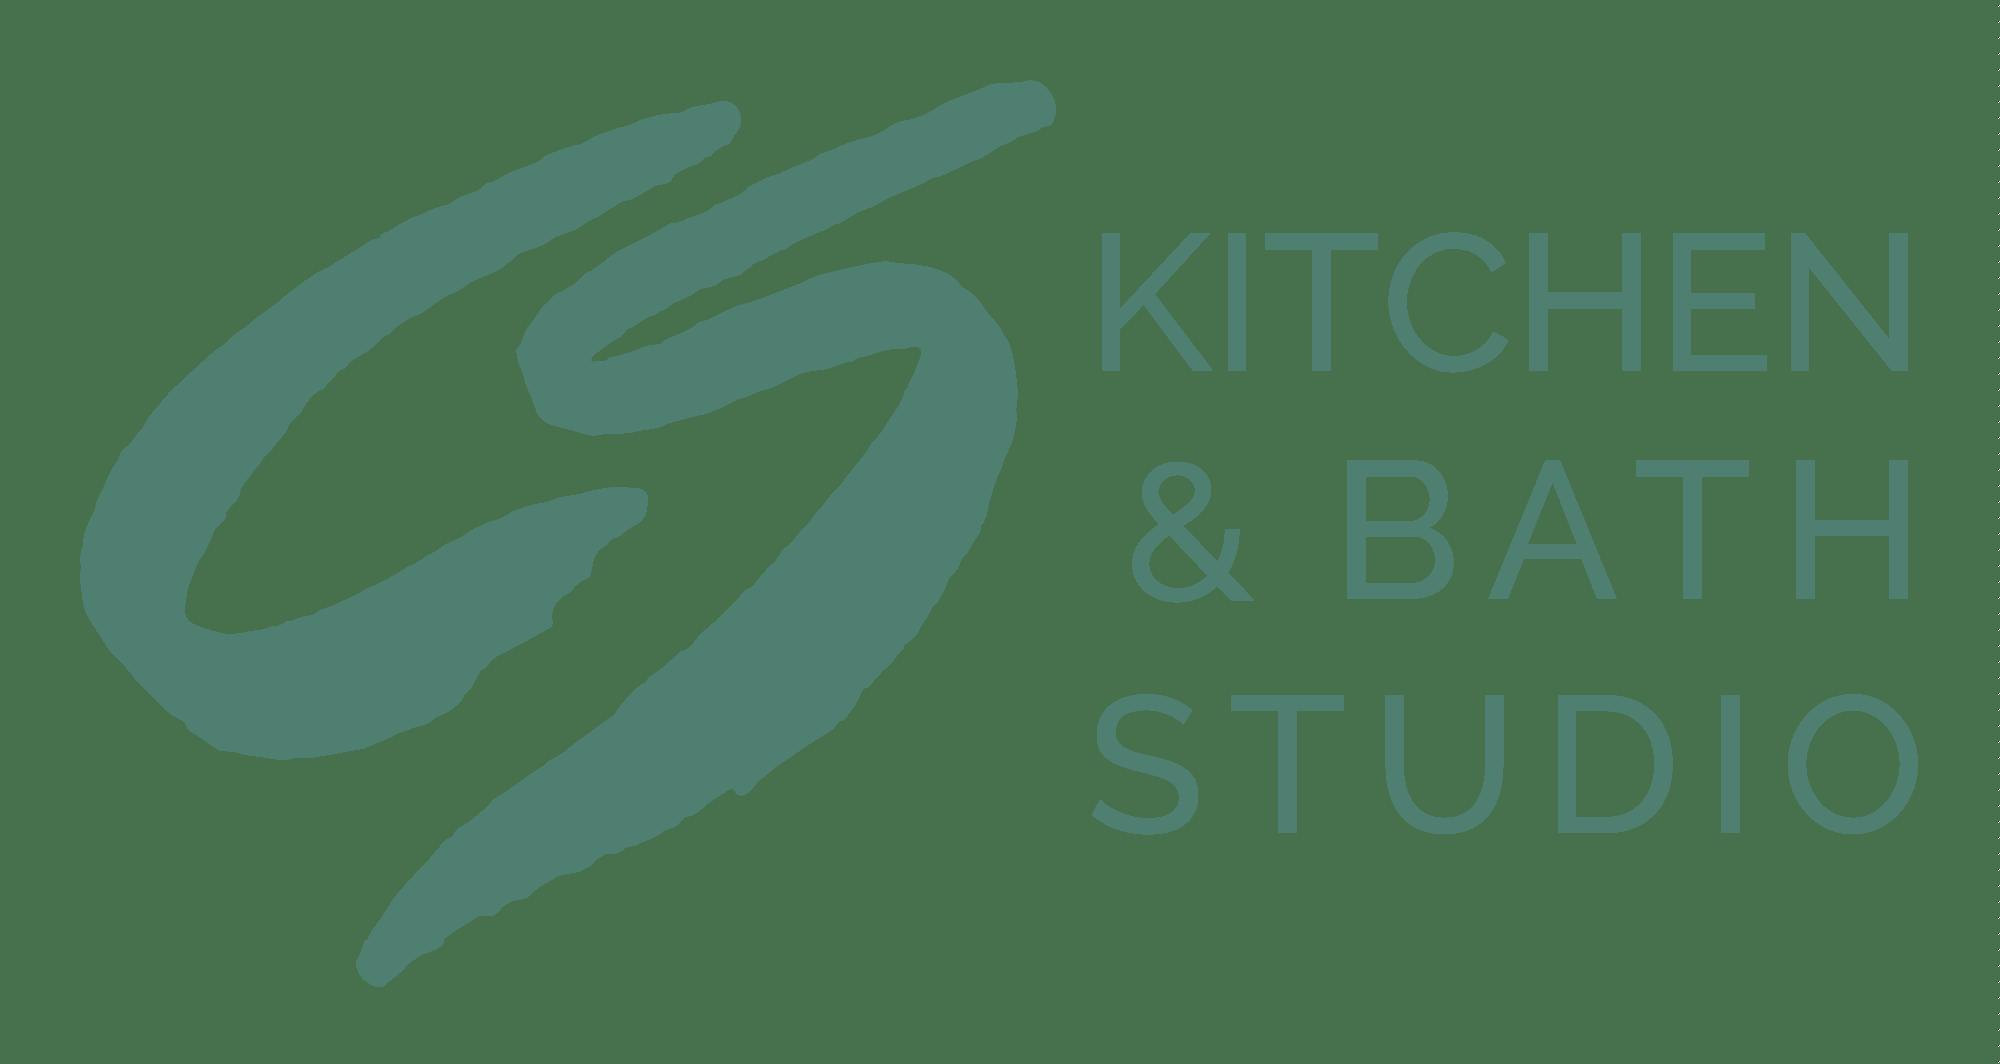 cskitchenandbath kitchen remodeling lincoln ne Kitchen Remodeling Bathroom Remodeling Kitchen and Bath Design CS Kitchen Bath Studio Lincoln Nebraska